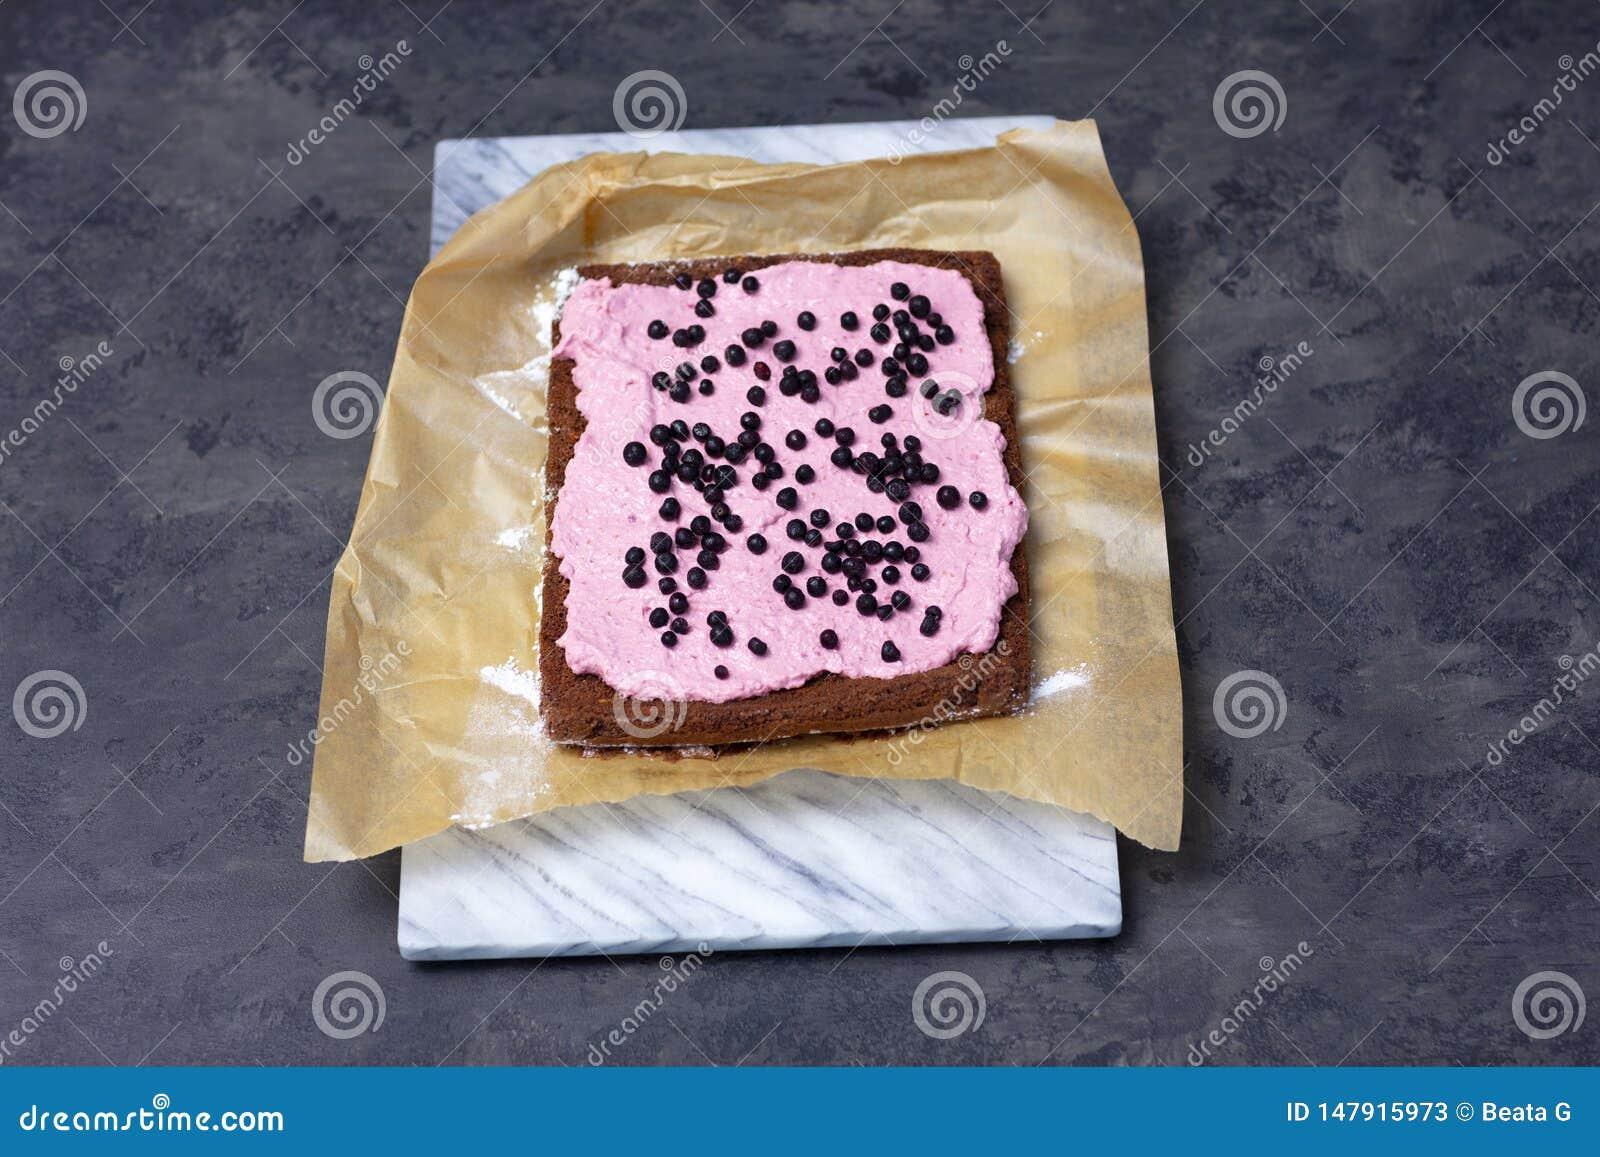 Fabrication de la roulade de gâteau mousseline avec la mousse de baie